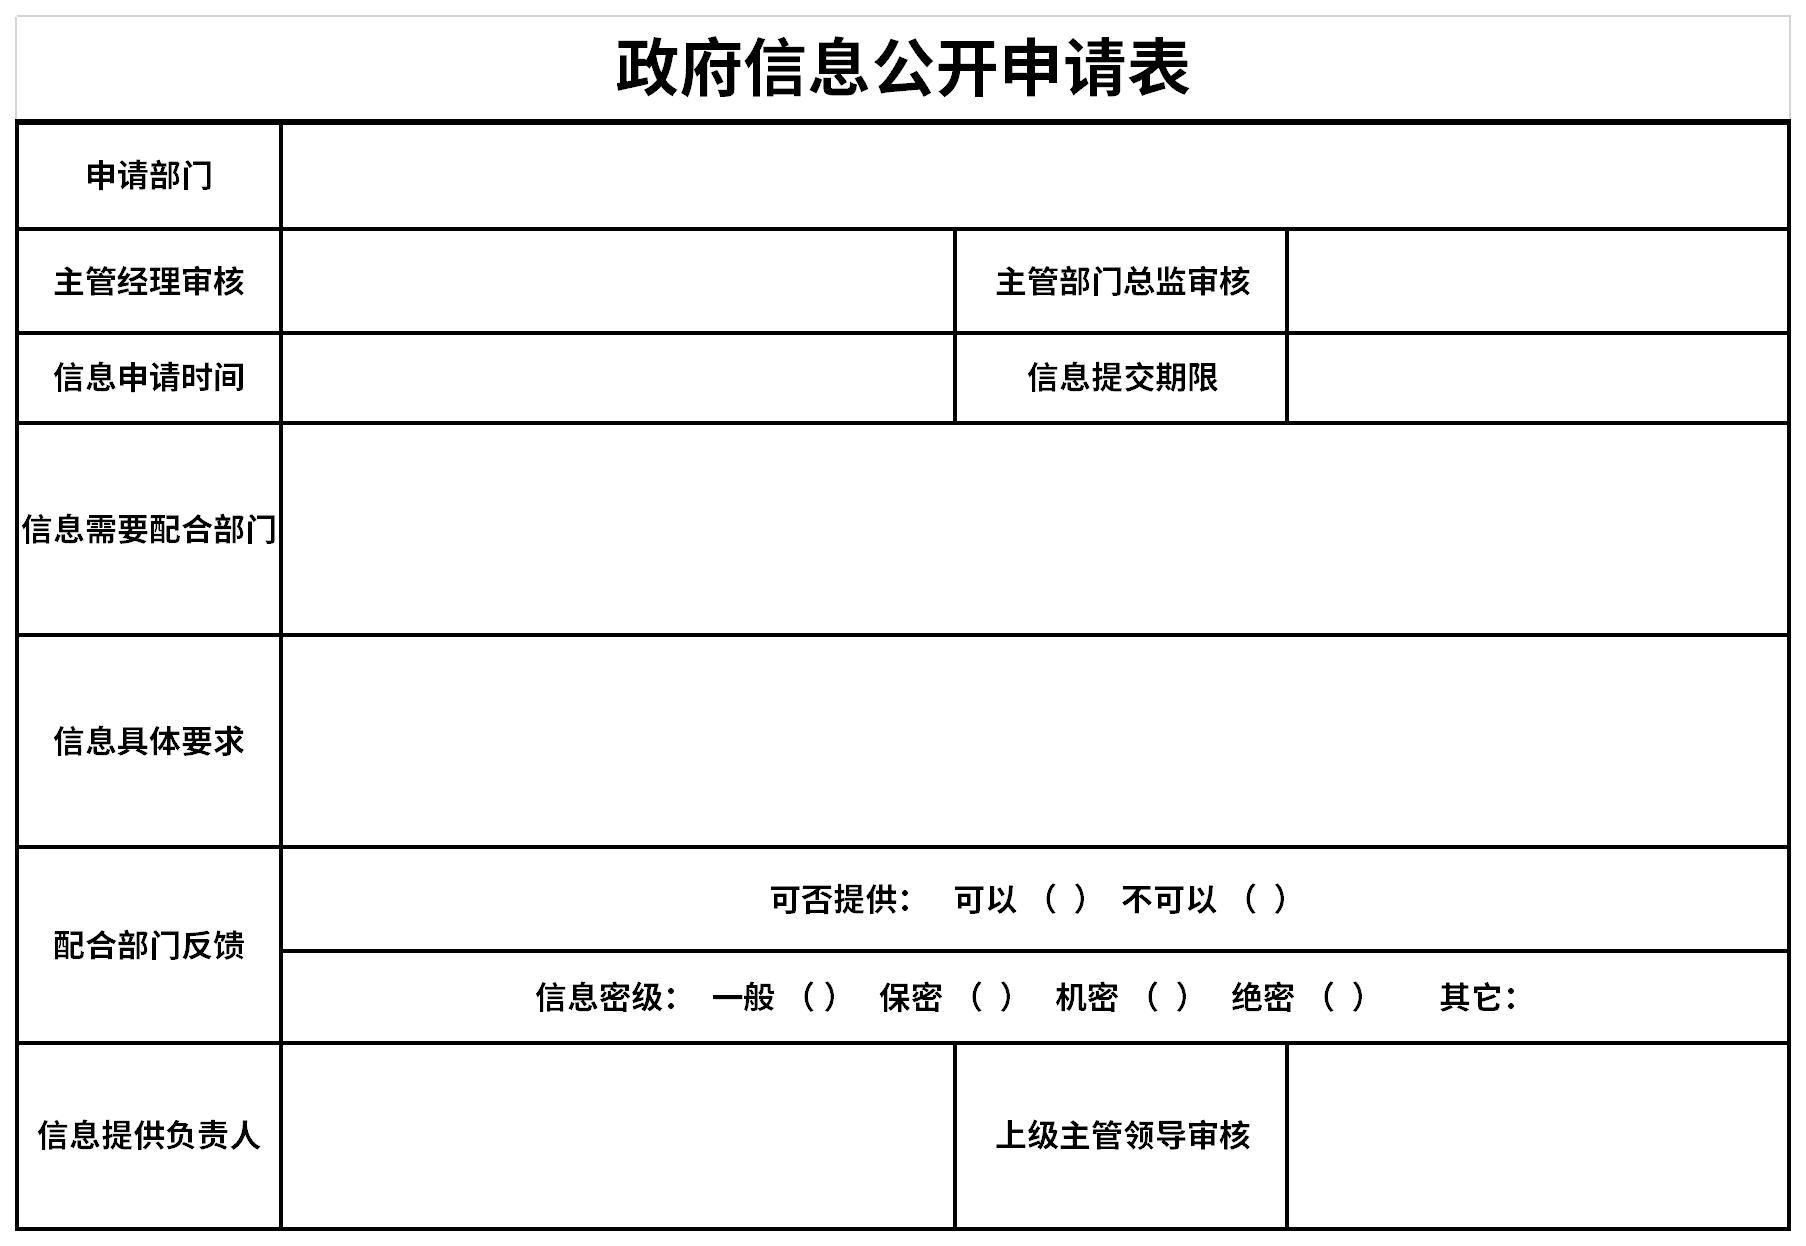 政府信息公开申请表截图